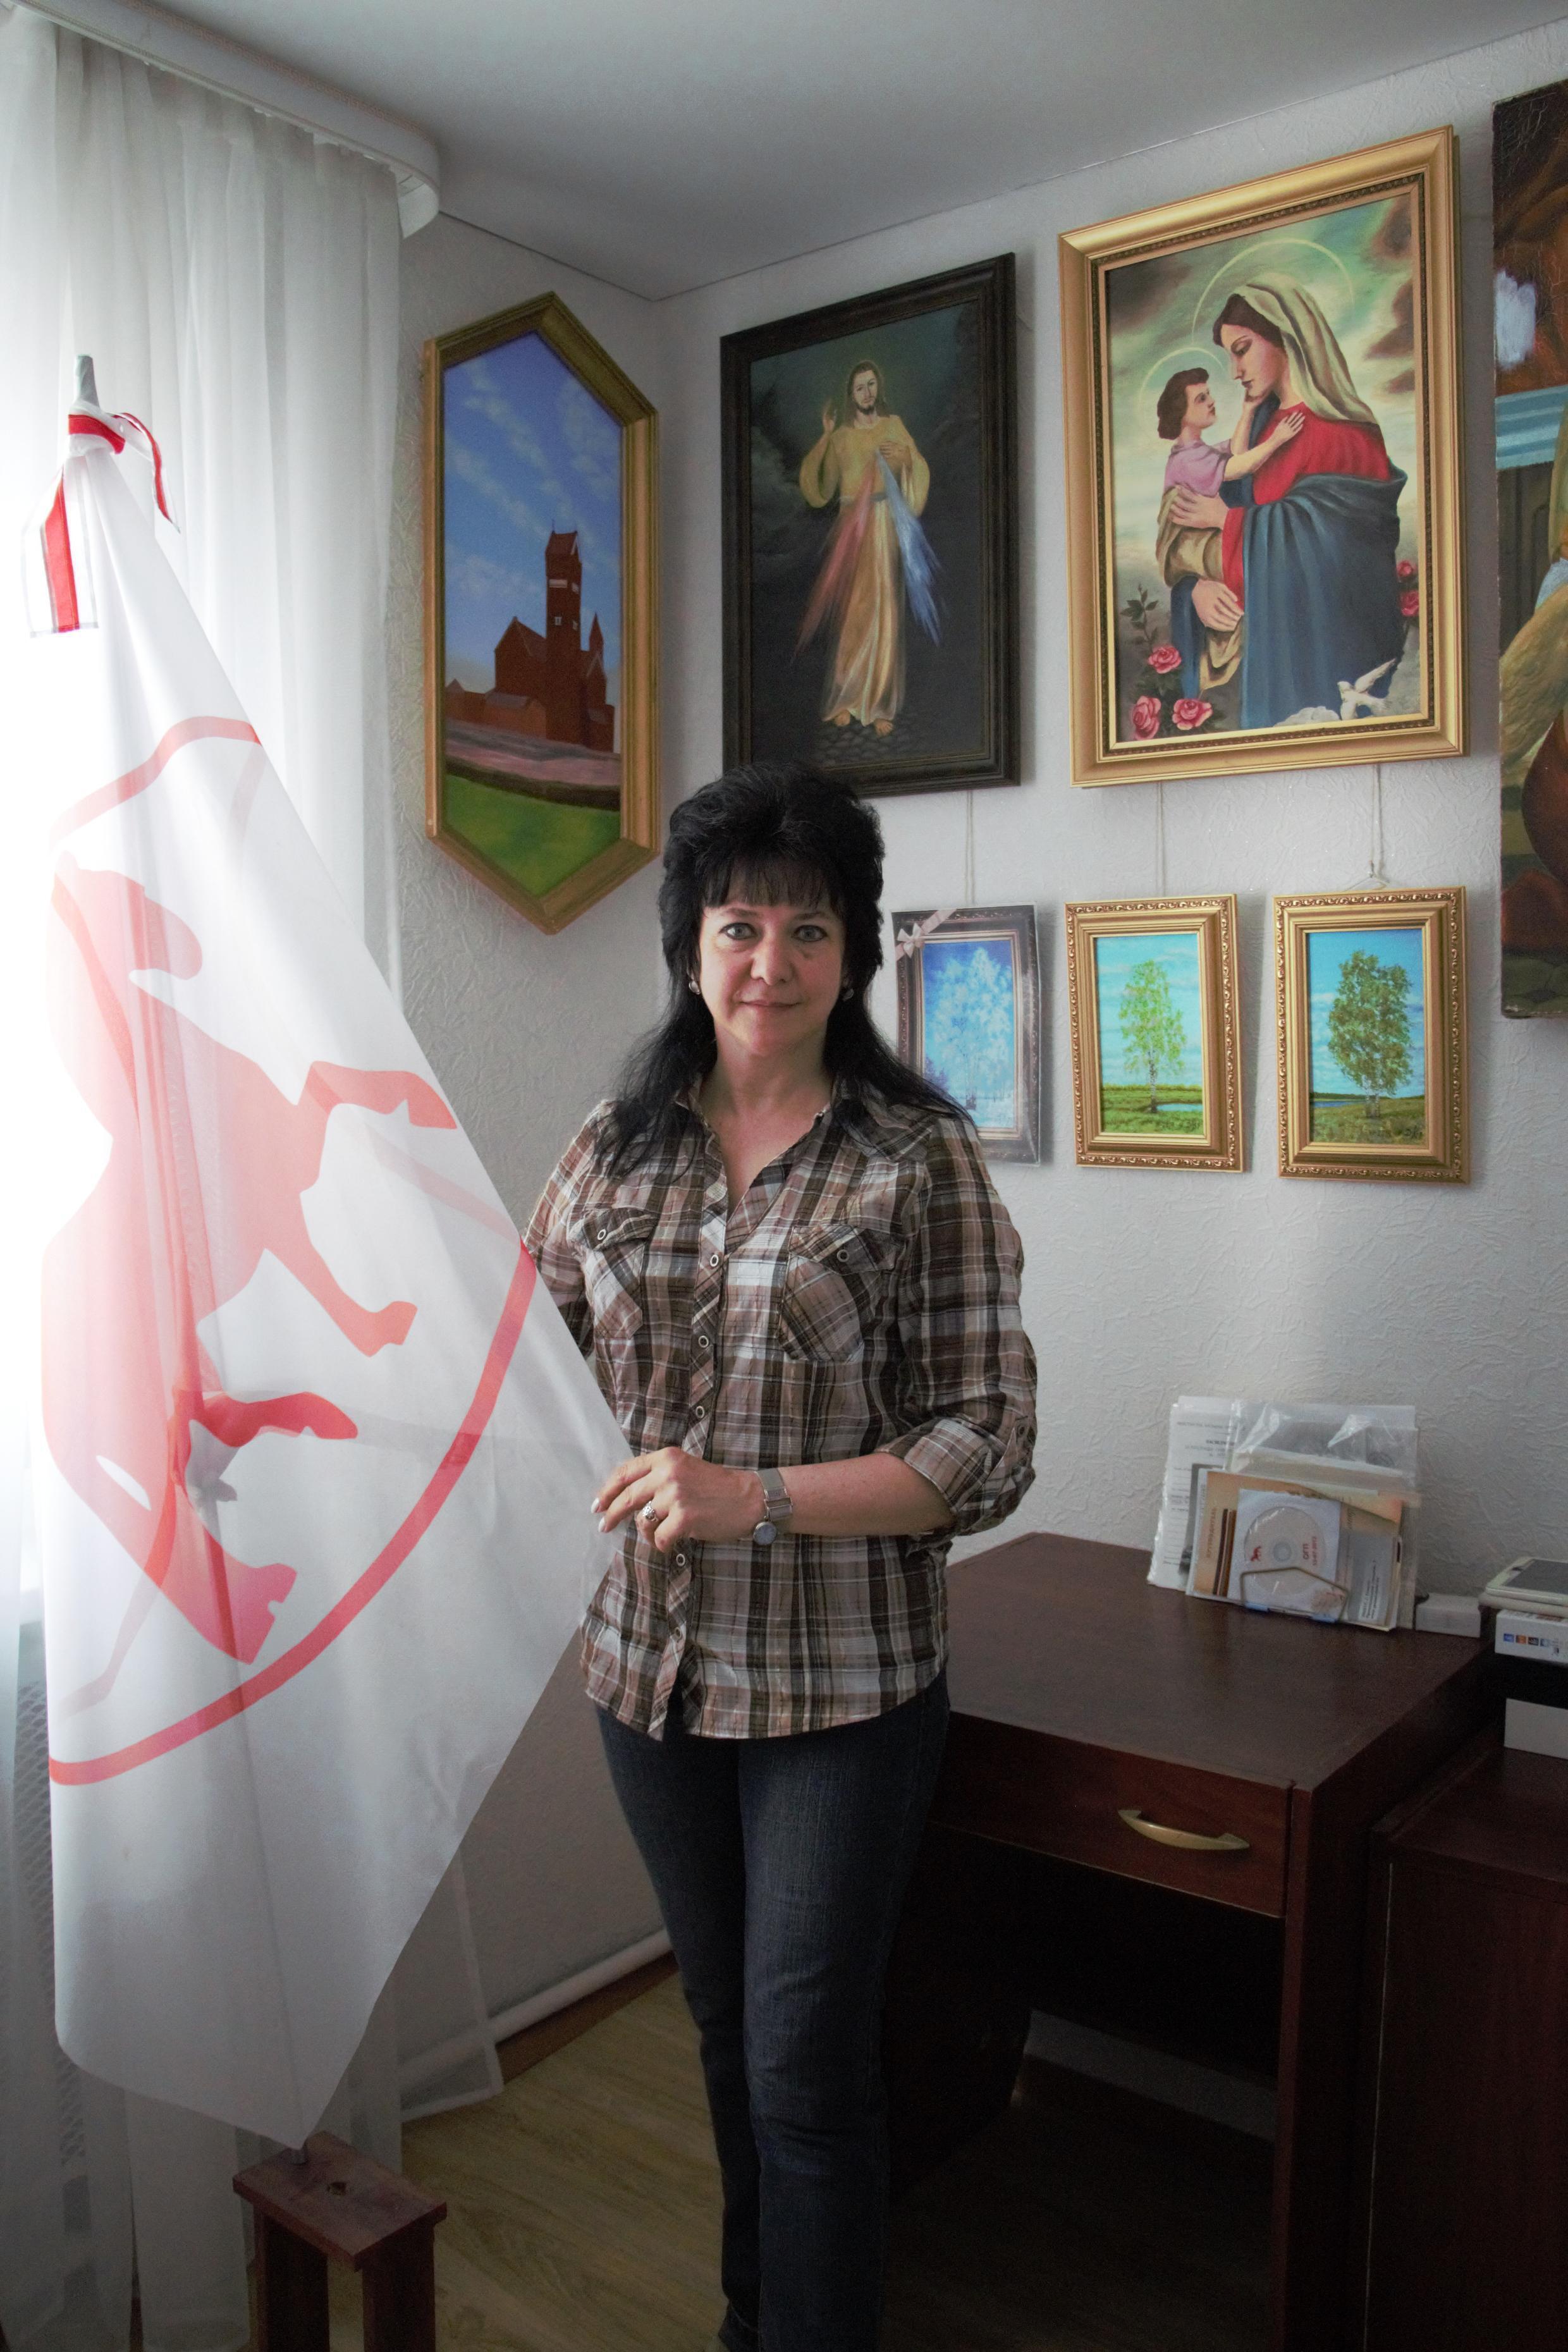 Irina Davidovitch, artiste-peintre et opposante au régime de Loukachenko. Elle est persuadée qu'il y aura de nouvelles manifestations.